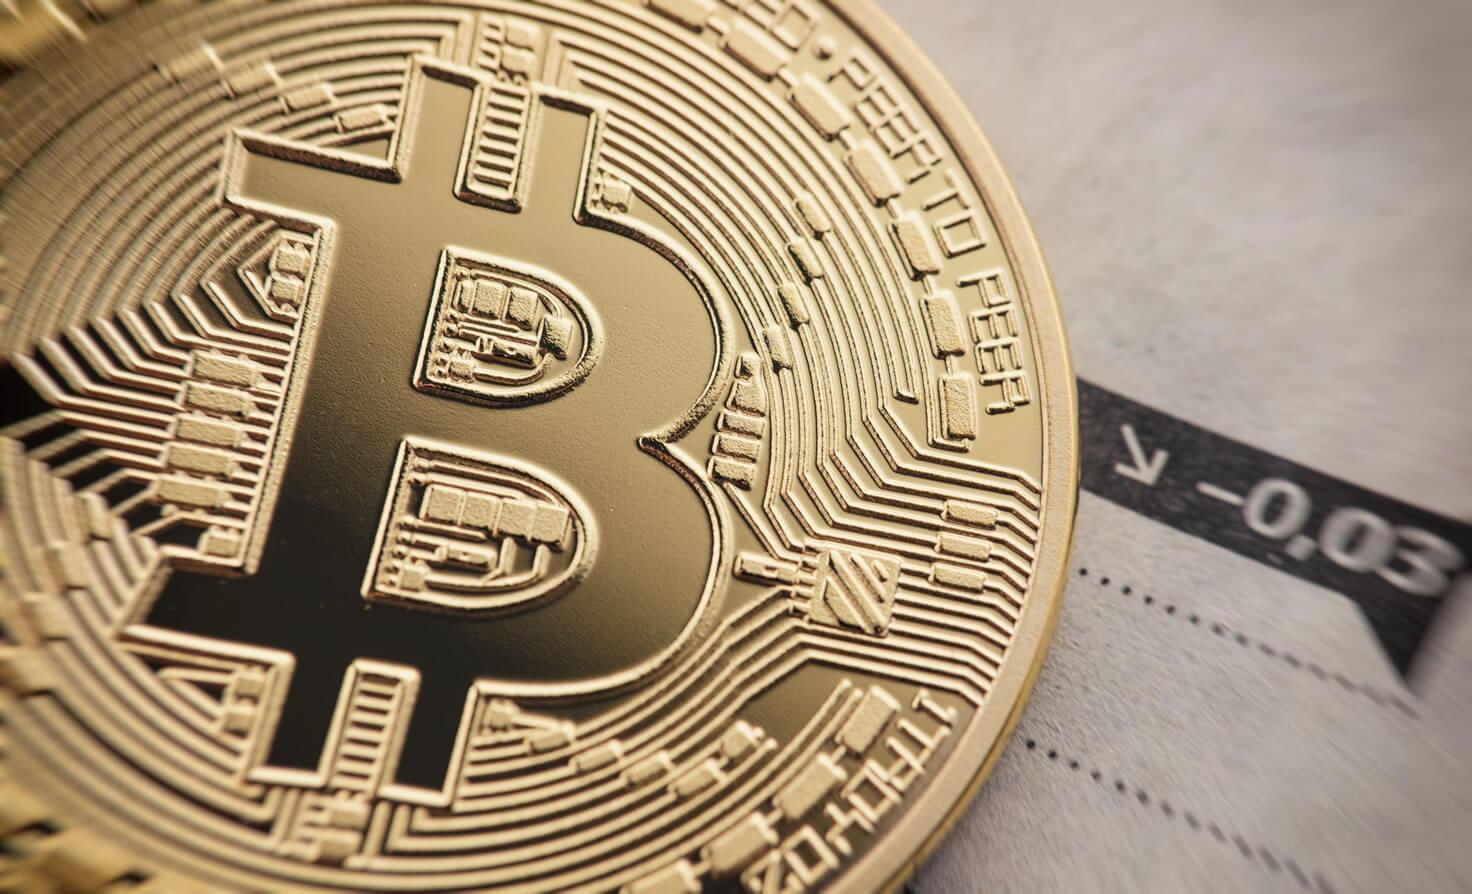 ビットコインの価値に終わりがある!?